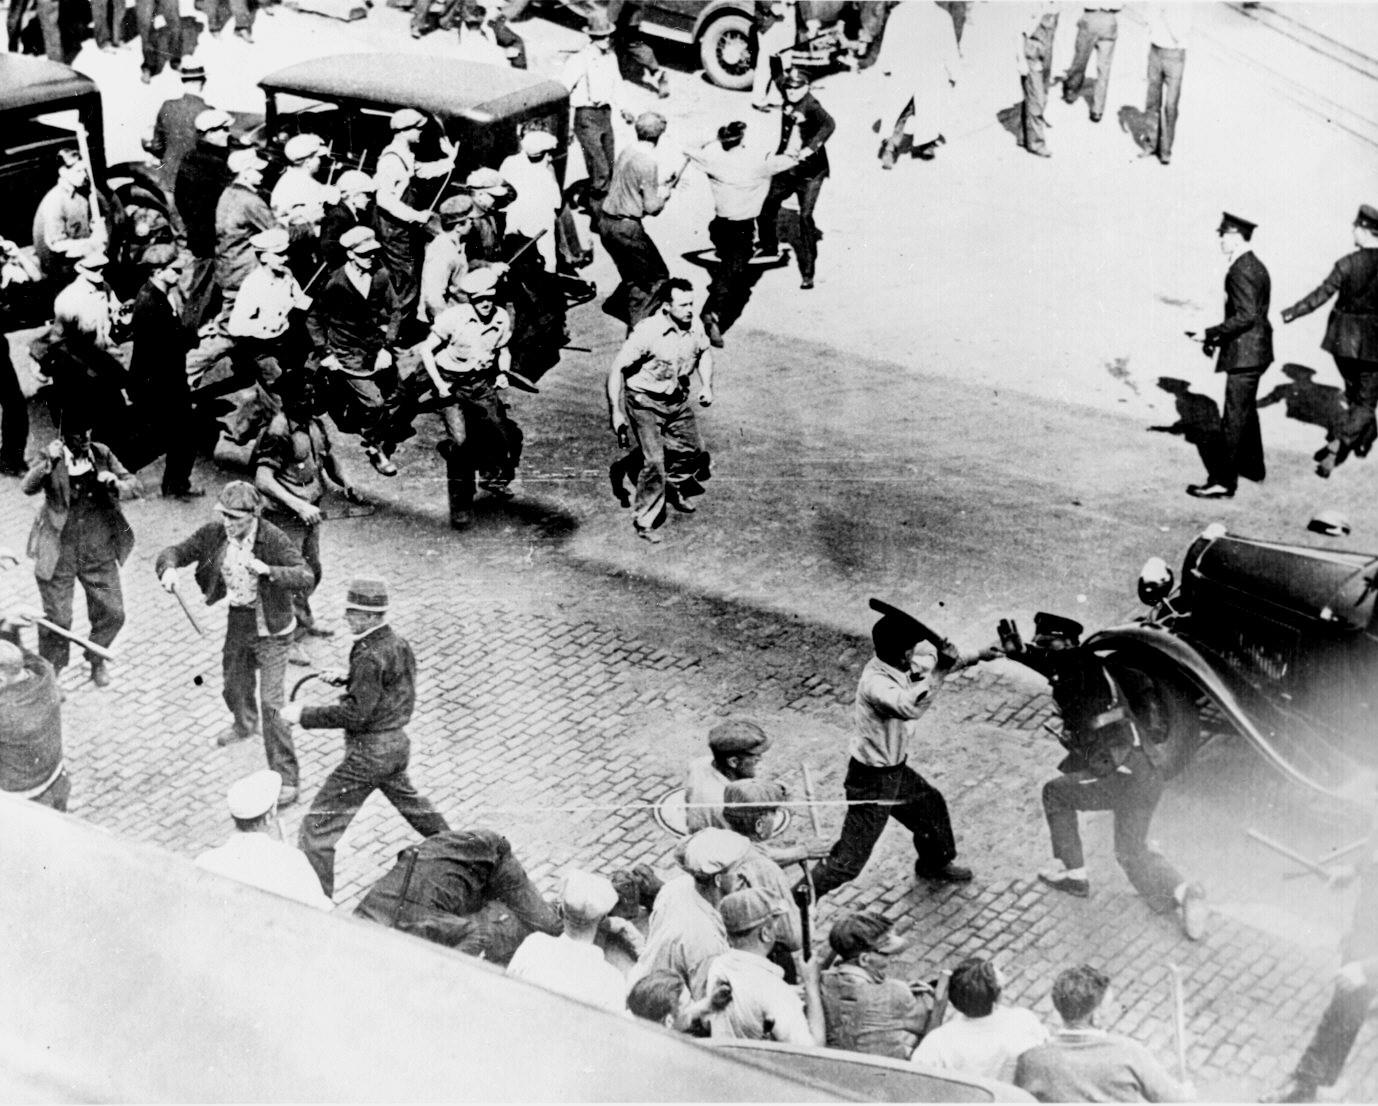 Teamsters  se enfrentan con la policía en las calles de Minneapolis, autor desconocido, 1934